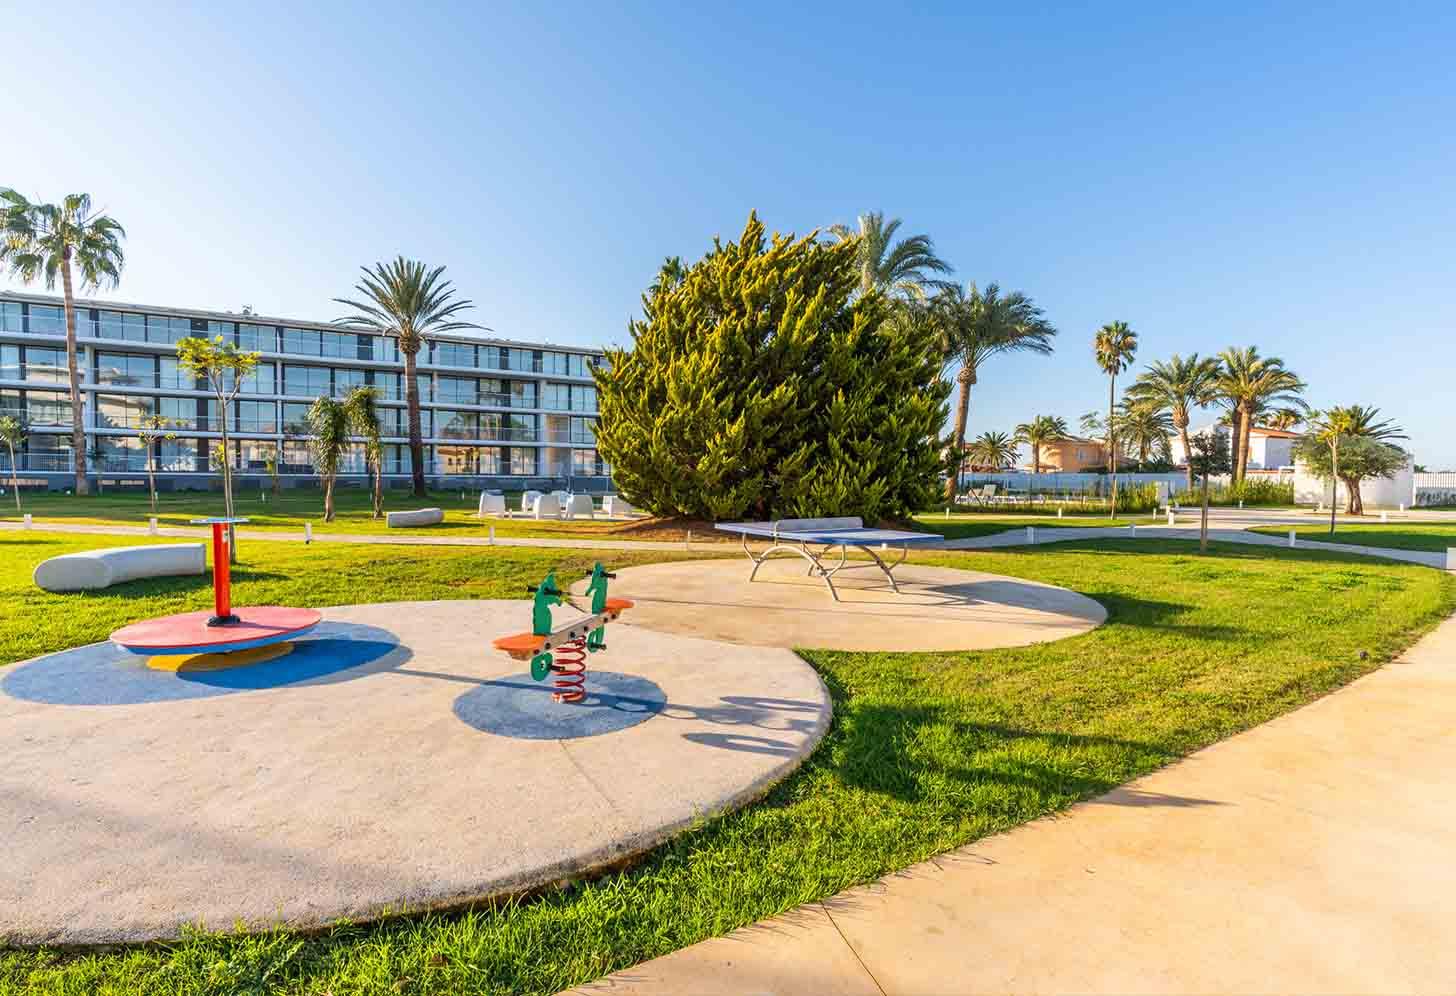 immobilier neuf espagne costa blanca on-m3 denia beach jeux